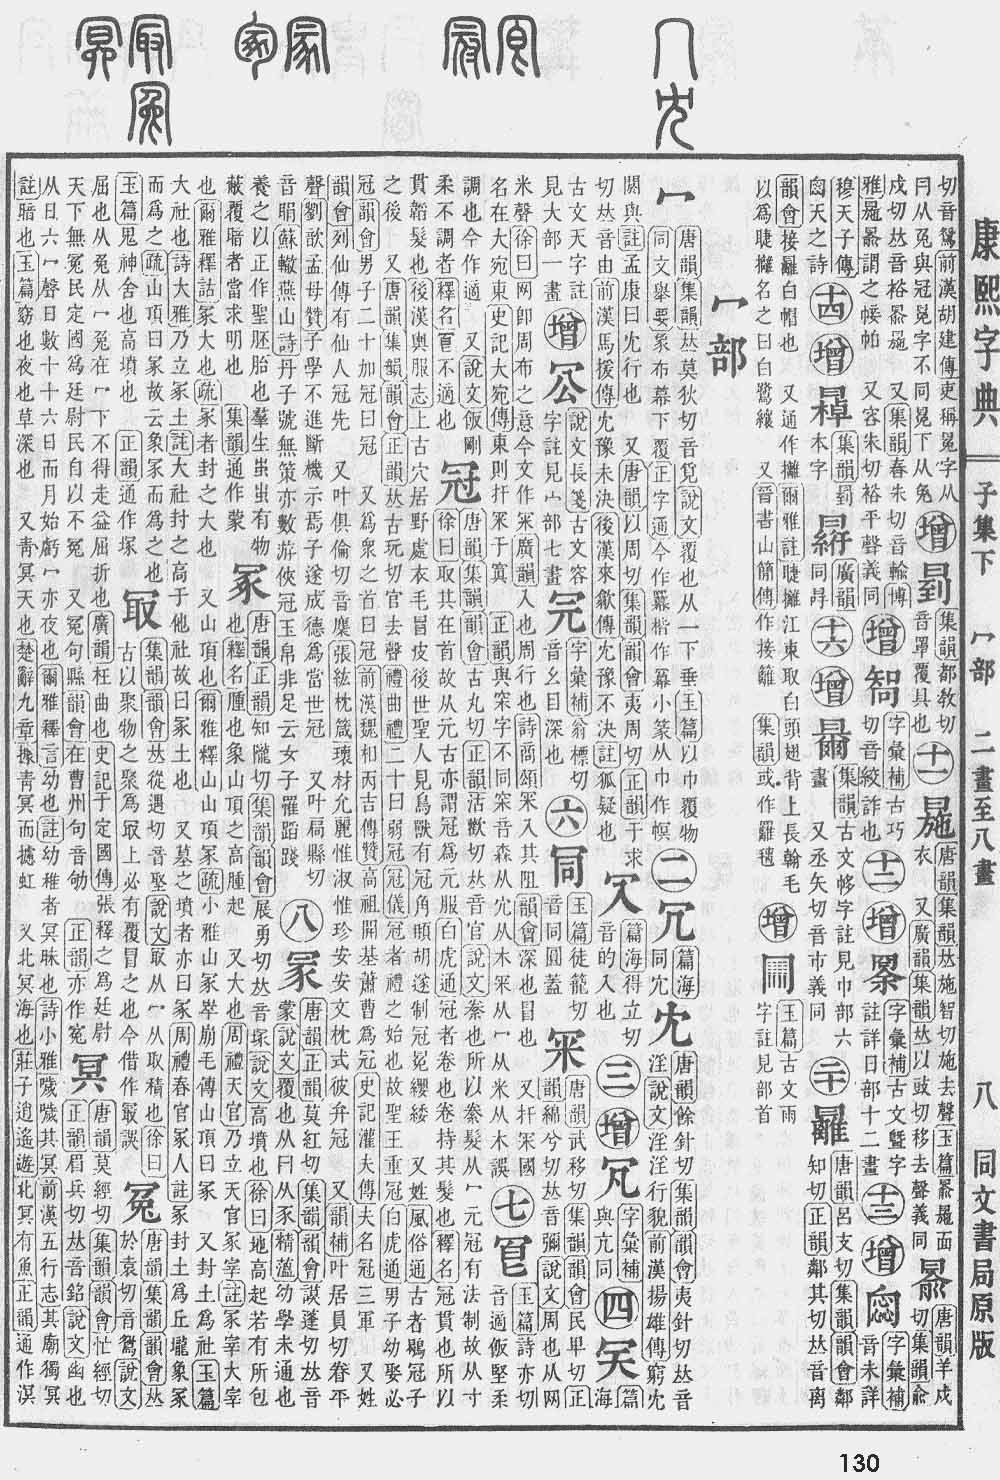 《康熙字典》第130页